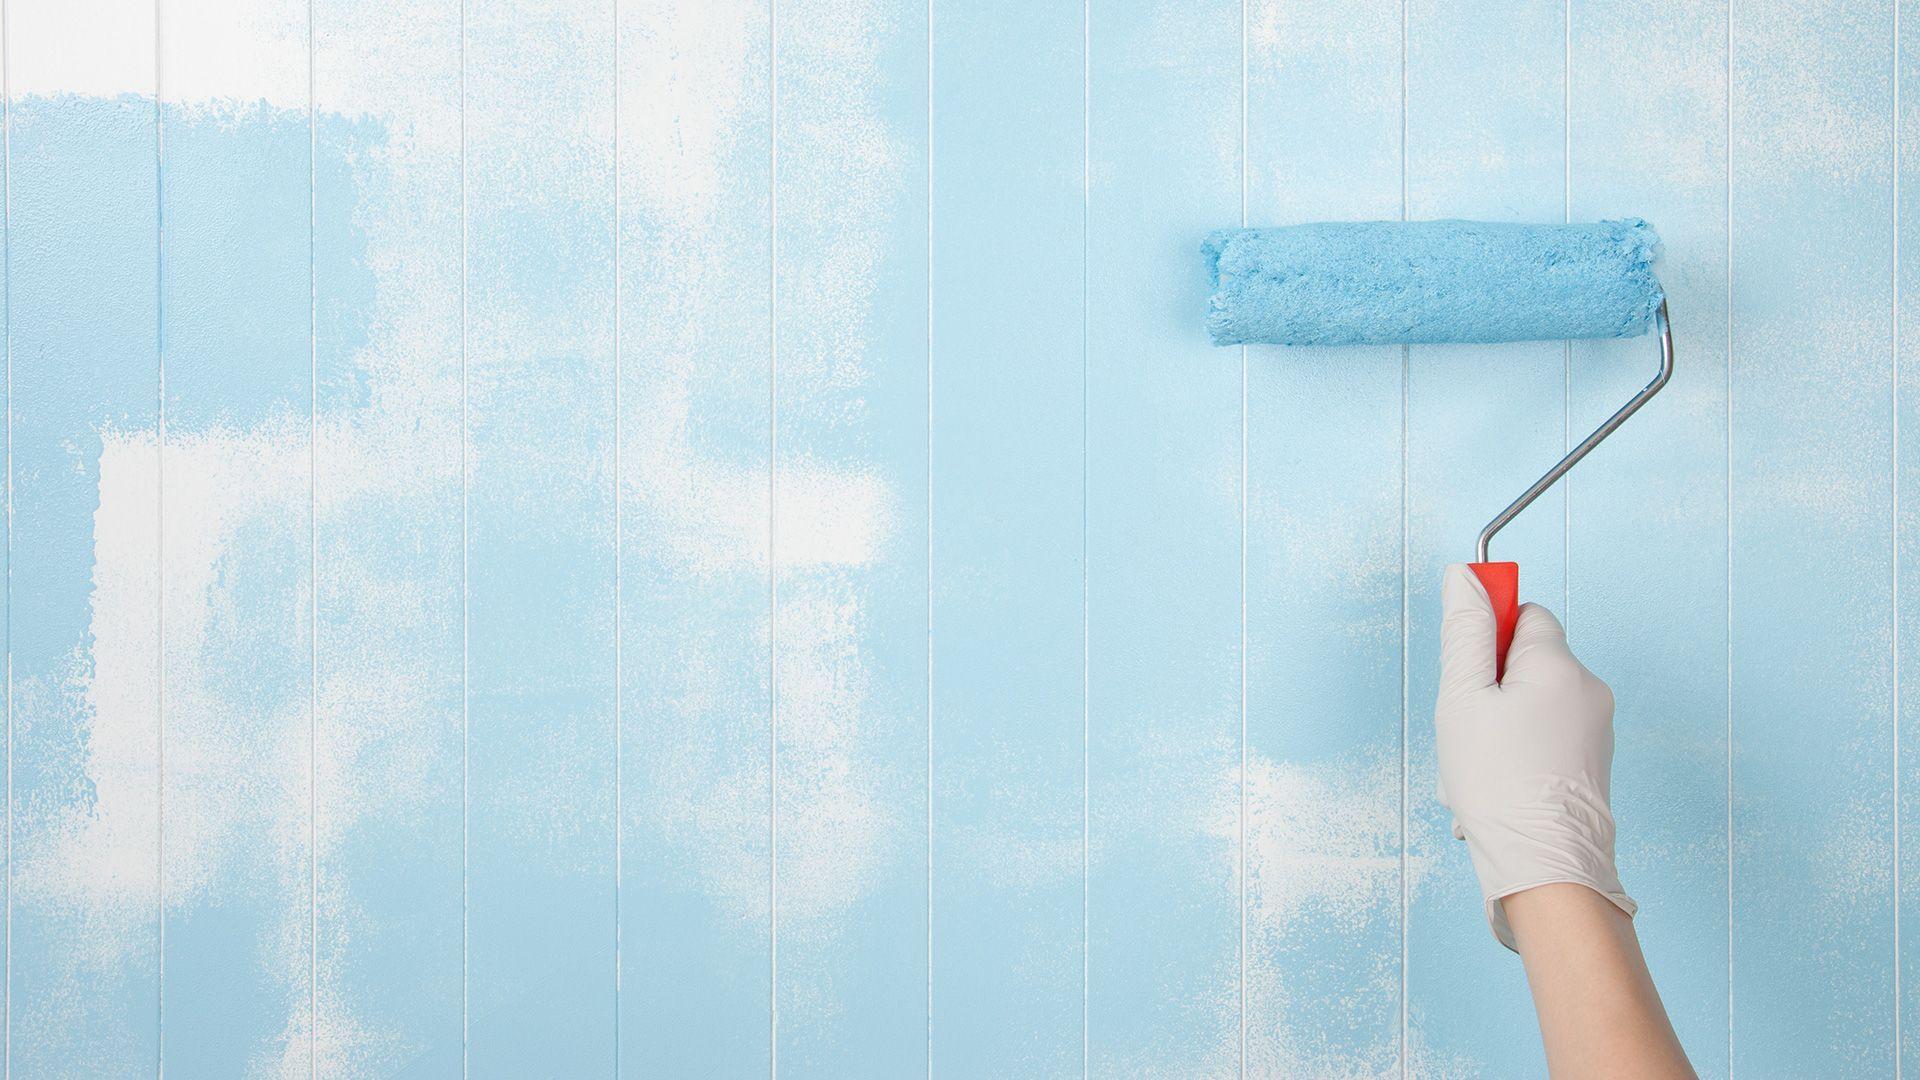 Lekker slapen? Verf je slaapkamer blauw!